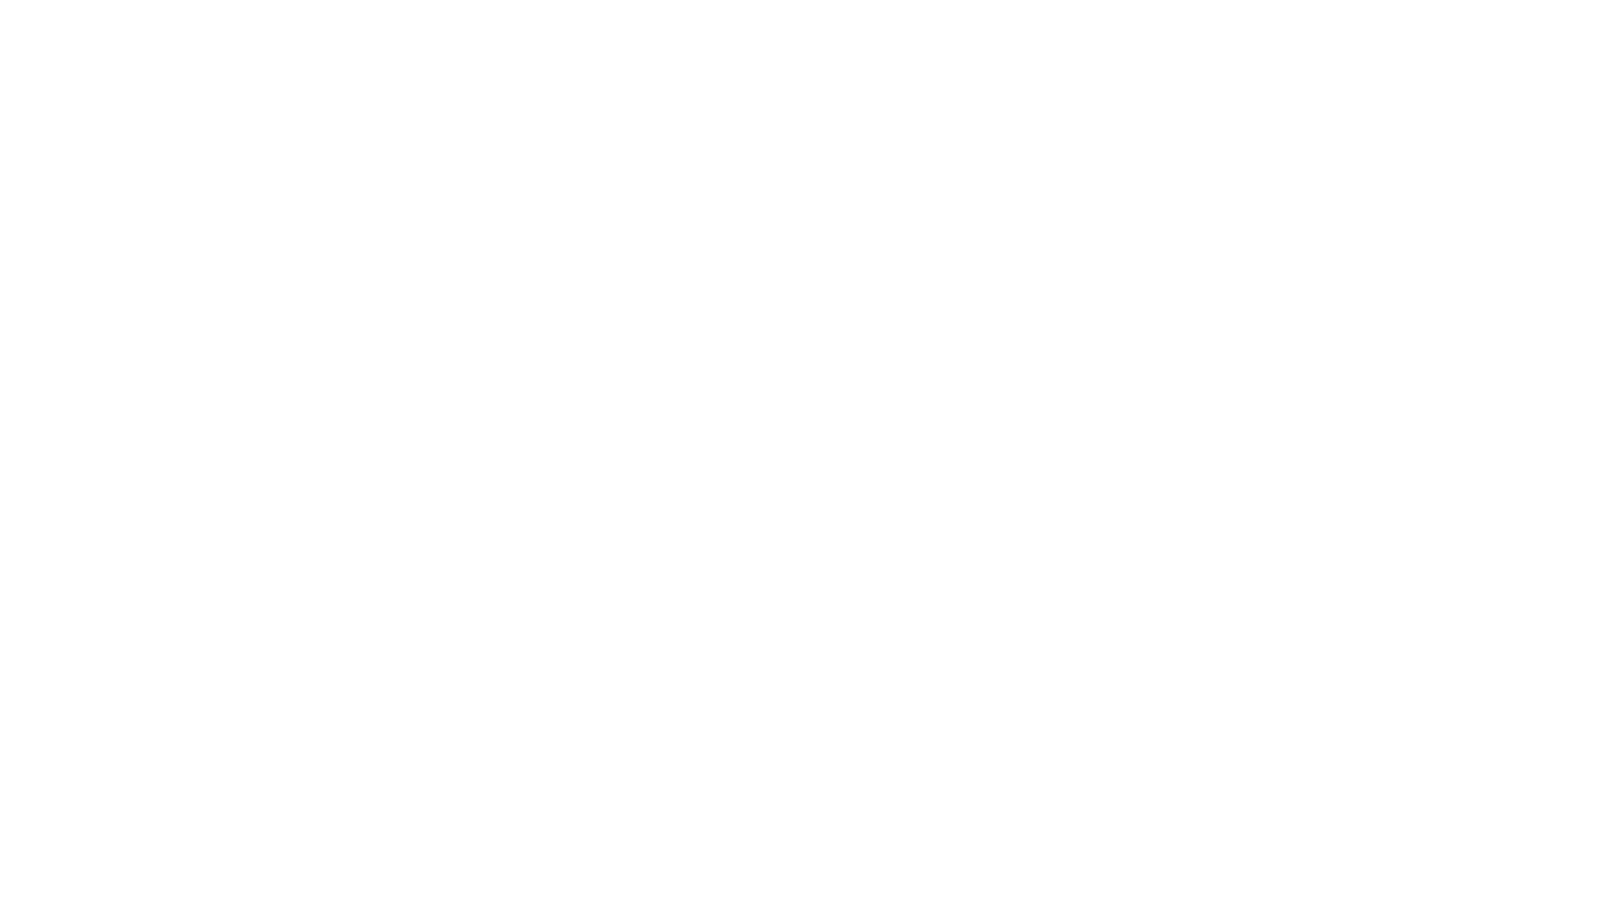 """Вы такого точно не ожидали! Приглашаем всех желающих провести активный выходной на городском авто-квесте от компании """"Джей энд Эс"""" AMONG US: INVERSION.  Для участия необходимо: - Надежный экипаж Приглашайте друзей, родственников, одногруппников - Личный автомобиль с опытным водителем и все необходимое для комфортной игры в течение нескольких часов - Устройство с доступом в интернет Подготовьте телеграм, google карты и поисковик  Успейте забронировать аватар и зарегистрировать команду до 19 мая! Количество мест ограниченно.   📅 Стартуем 22 мая 2021 года в 13:00 на парковке ул. Бударина  Все подробности об участии читайте на сайте: https://clck.ru/Uh2iD  _________ Мы в социальных сетях: Вконтакте: https://vk.com/jands_company Instagram: https://www.instagram.com/jands.omsk Facebook: https://www.facebook.com/jands.company"""